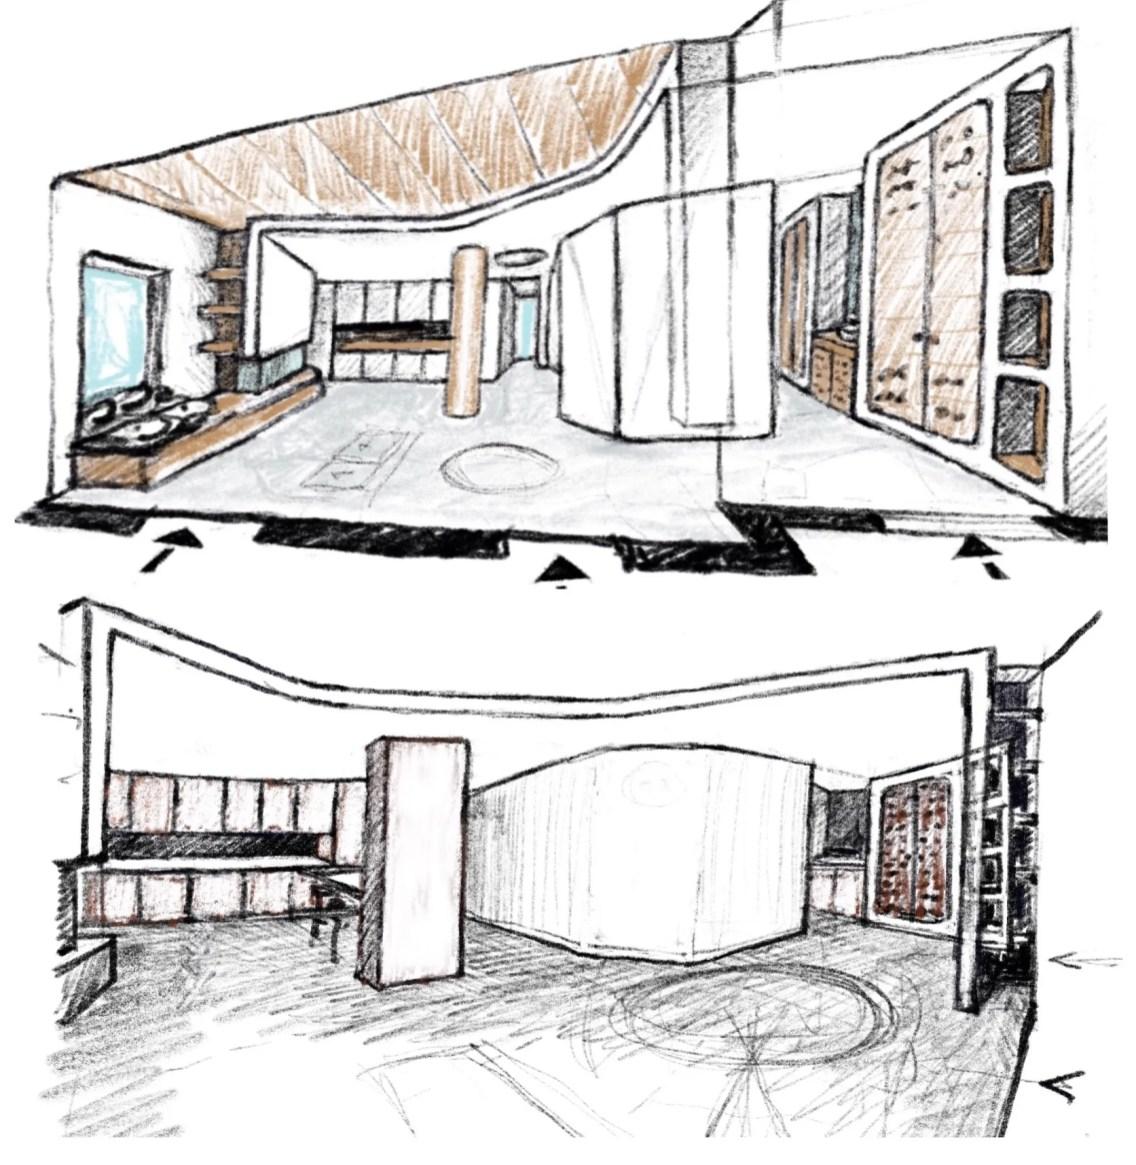 Casa Pa - Schizzo progettuale